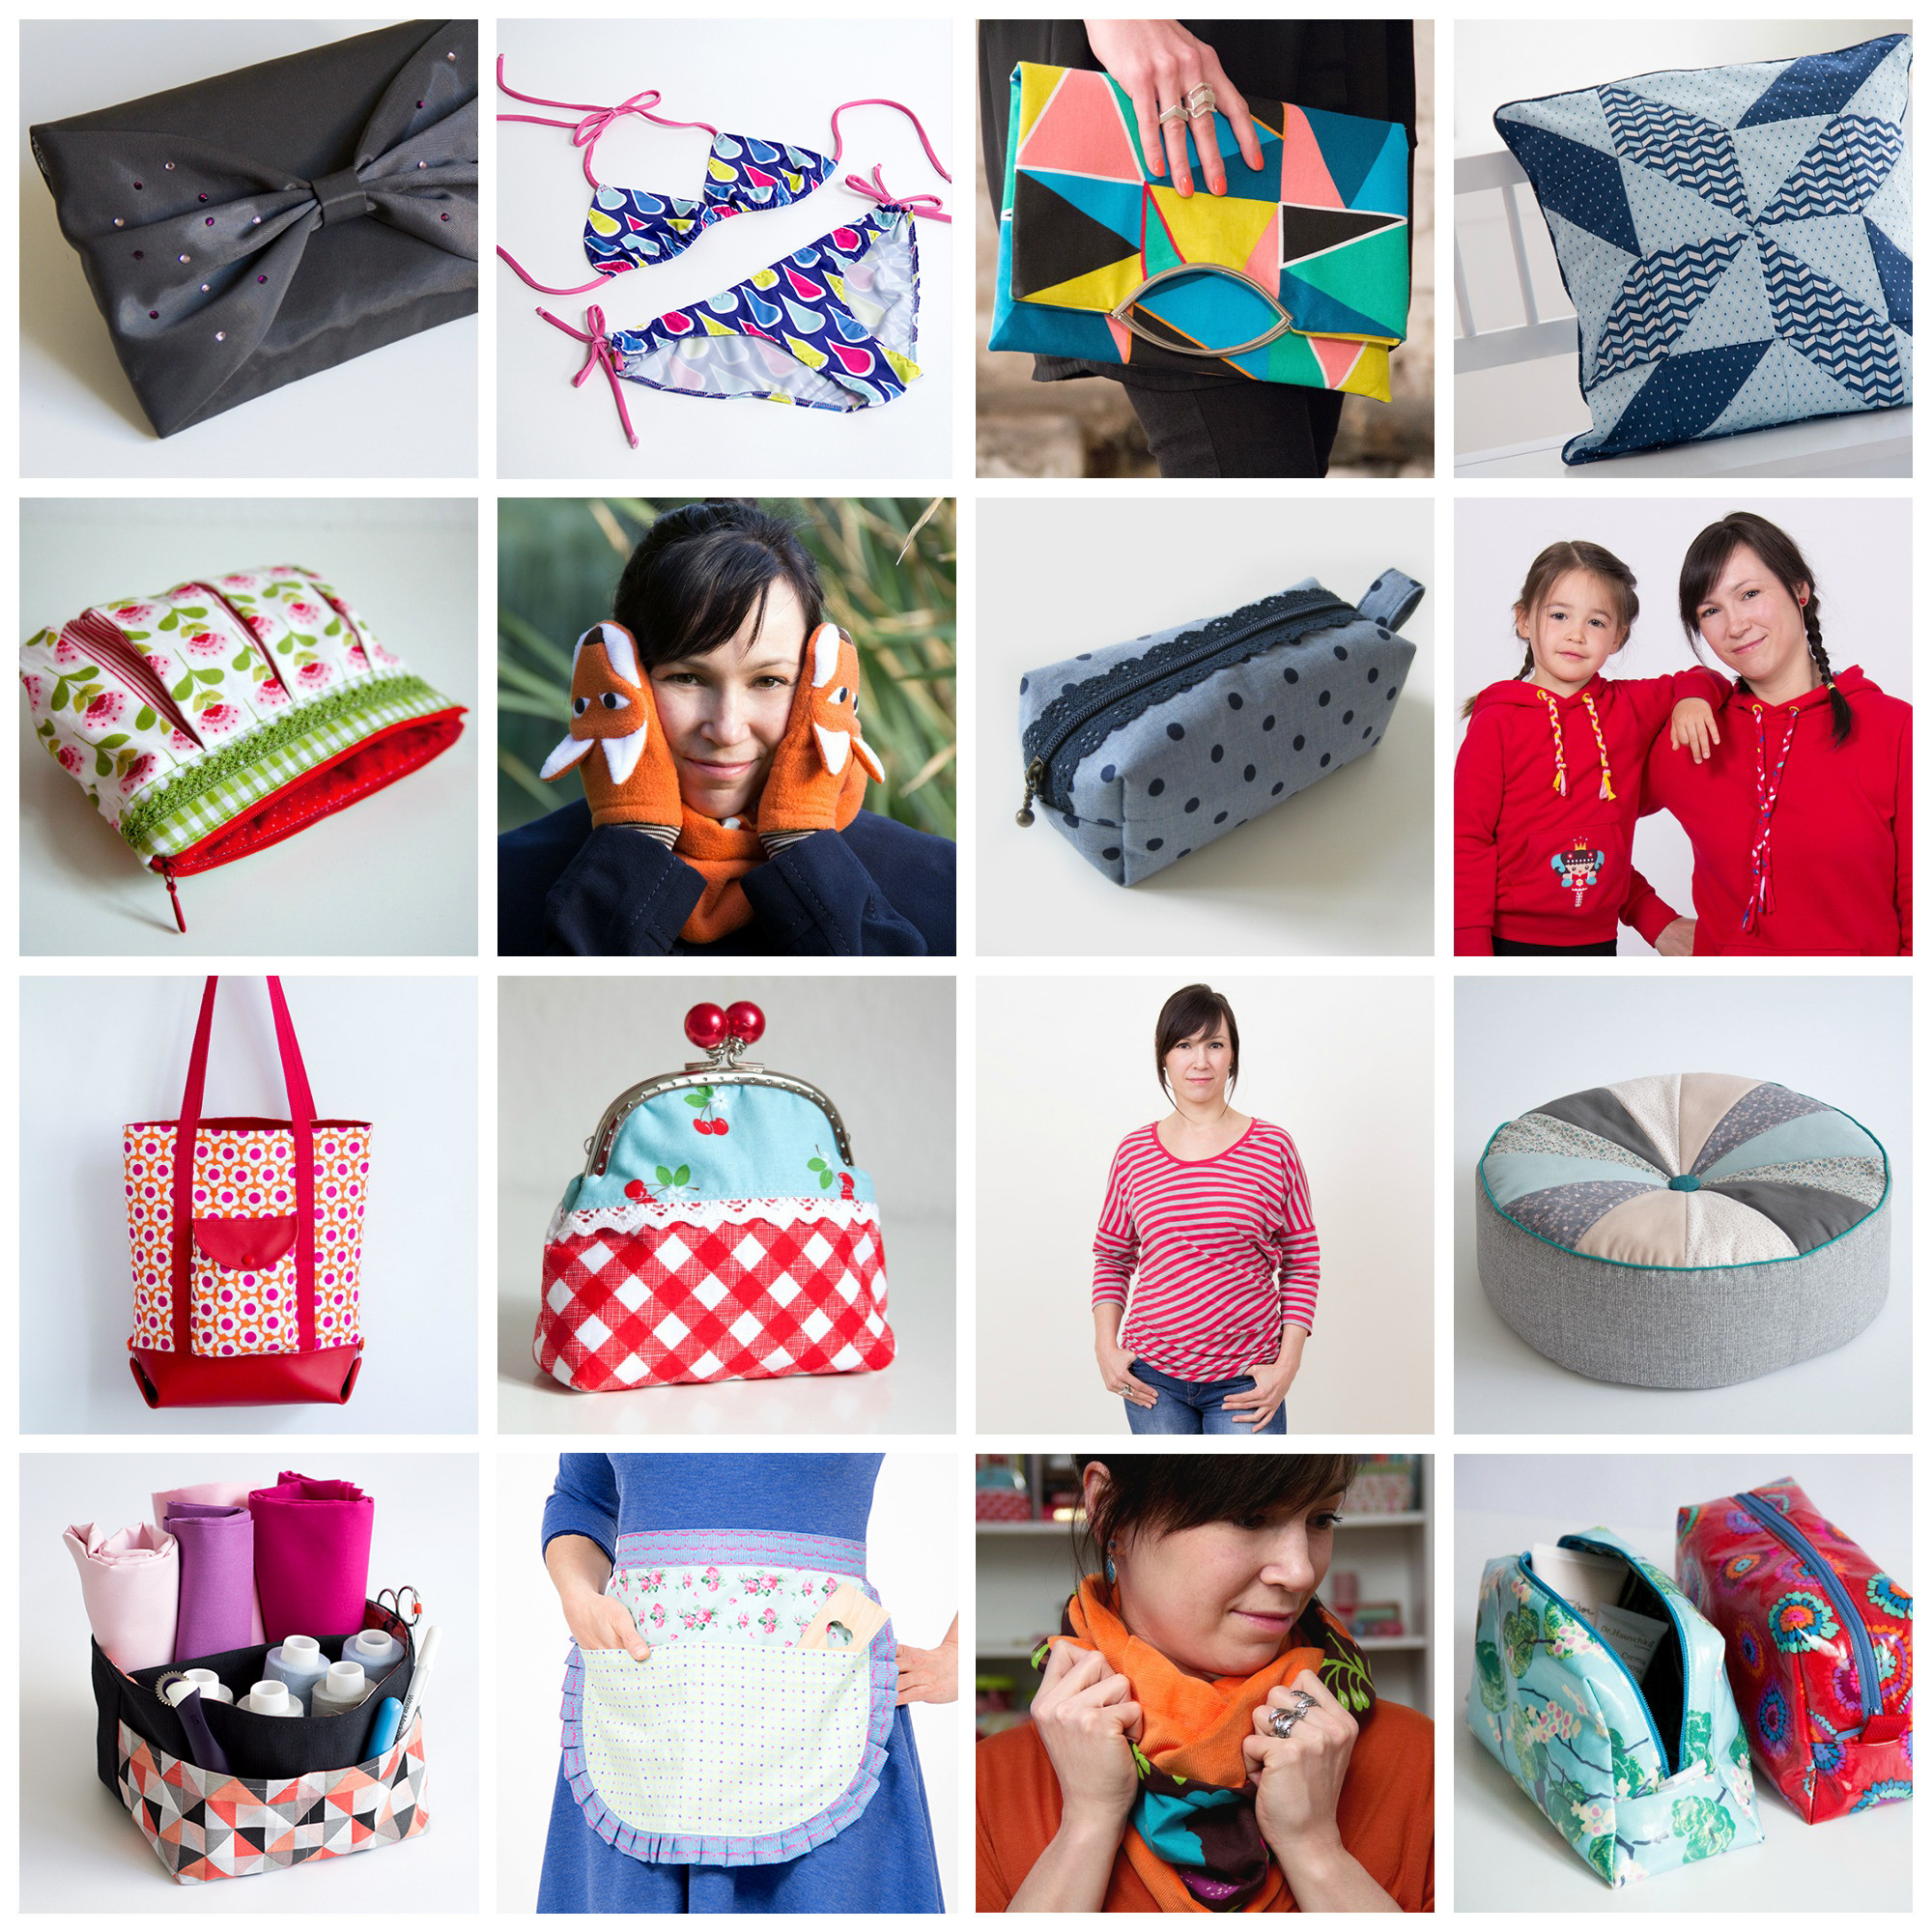 Tolle Geschenke Für Frauen  Tolle Geschenke Für Frauen